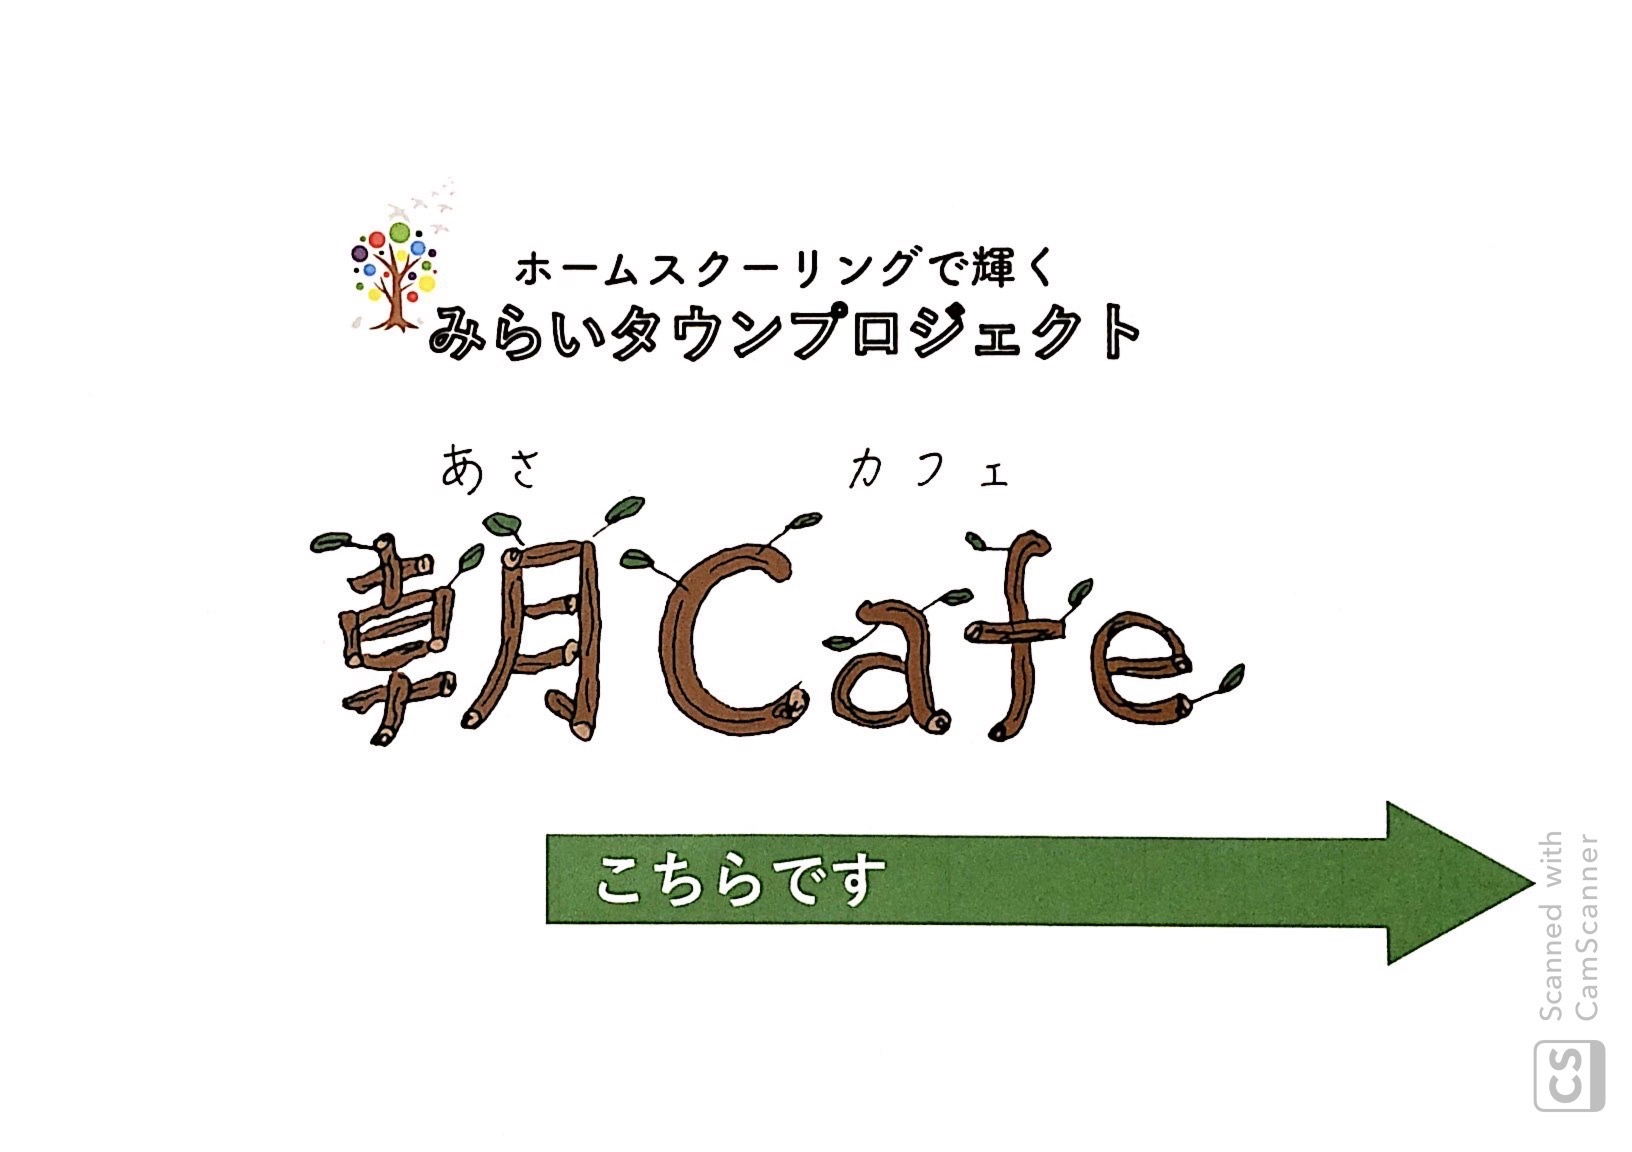 【朝カフェ】2/20(木)開催のお知らせ